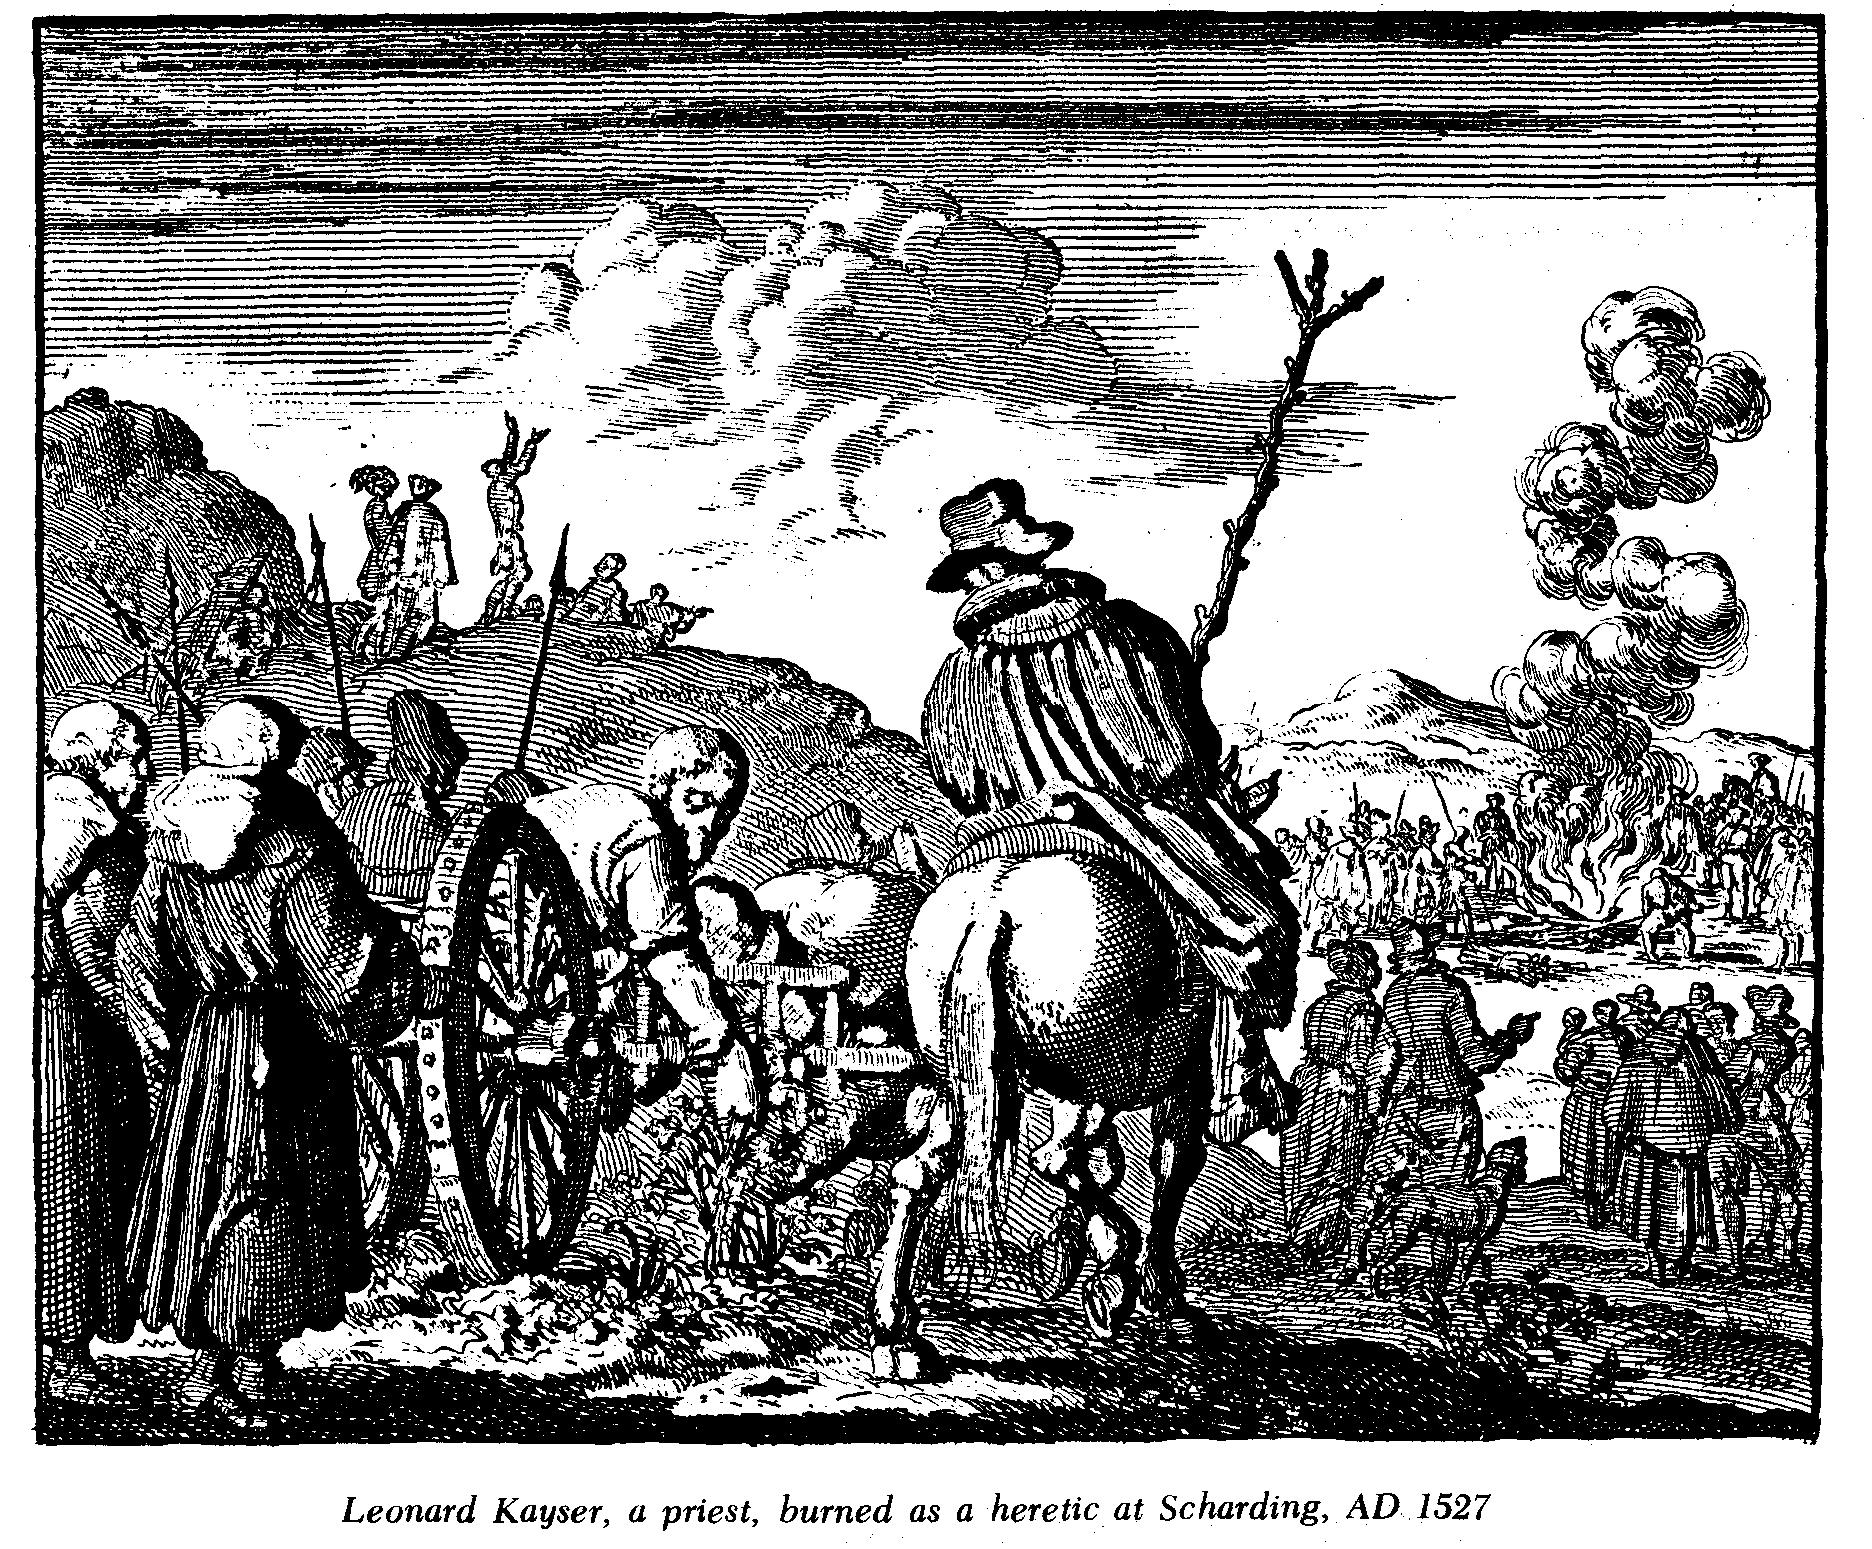 True Faith – The Anabaptist Martyrs [Leonhard Keyser, A. D. 1527]